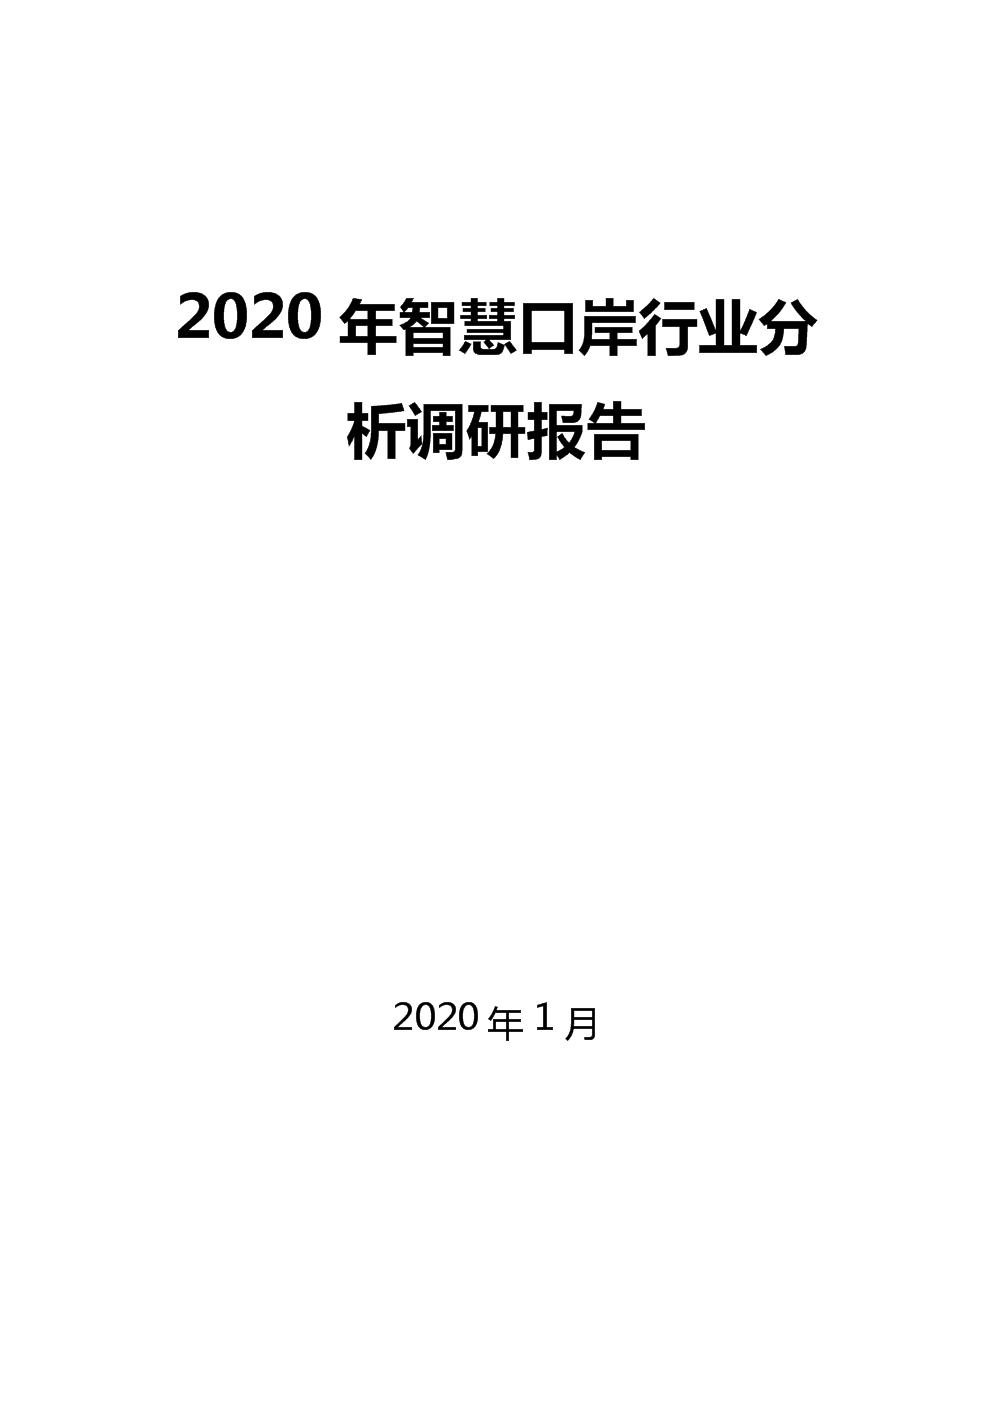 2020智慧口岸行业分析报告.docx